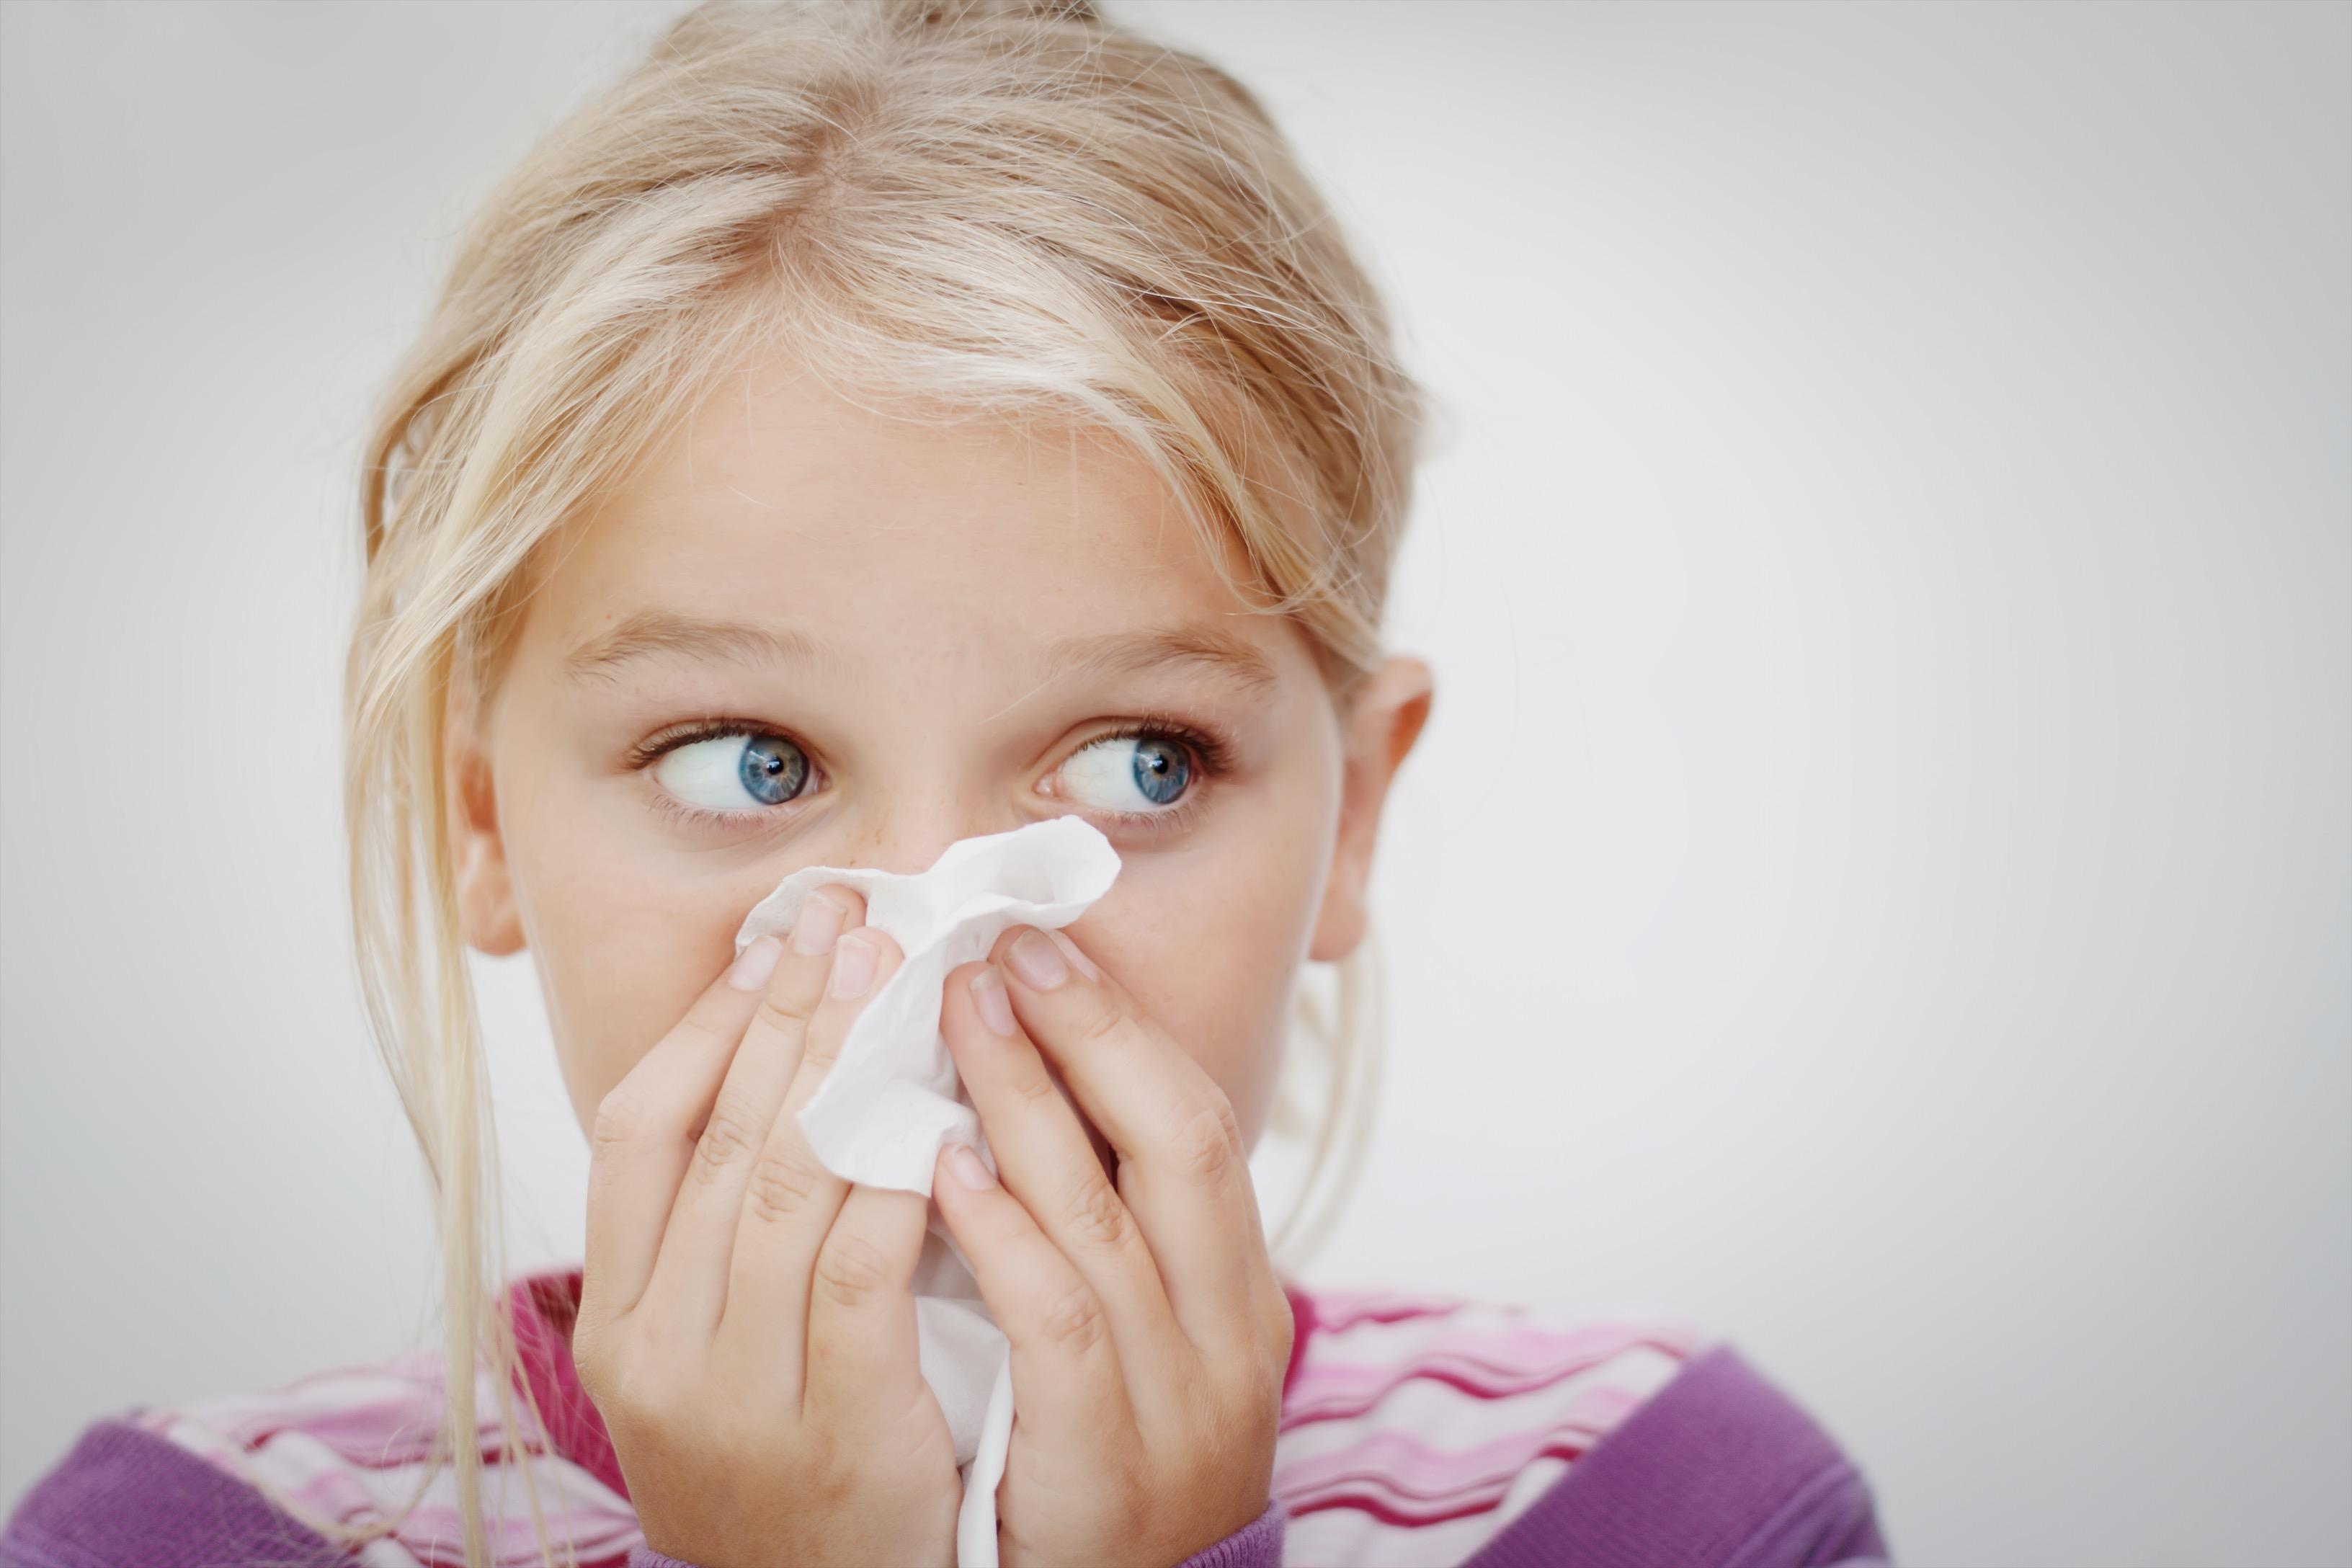 Гайморит у детей 2-6 лет: причины, симптомы, признаки, лечение